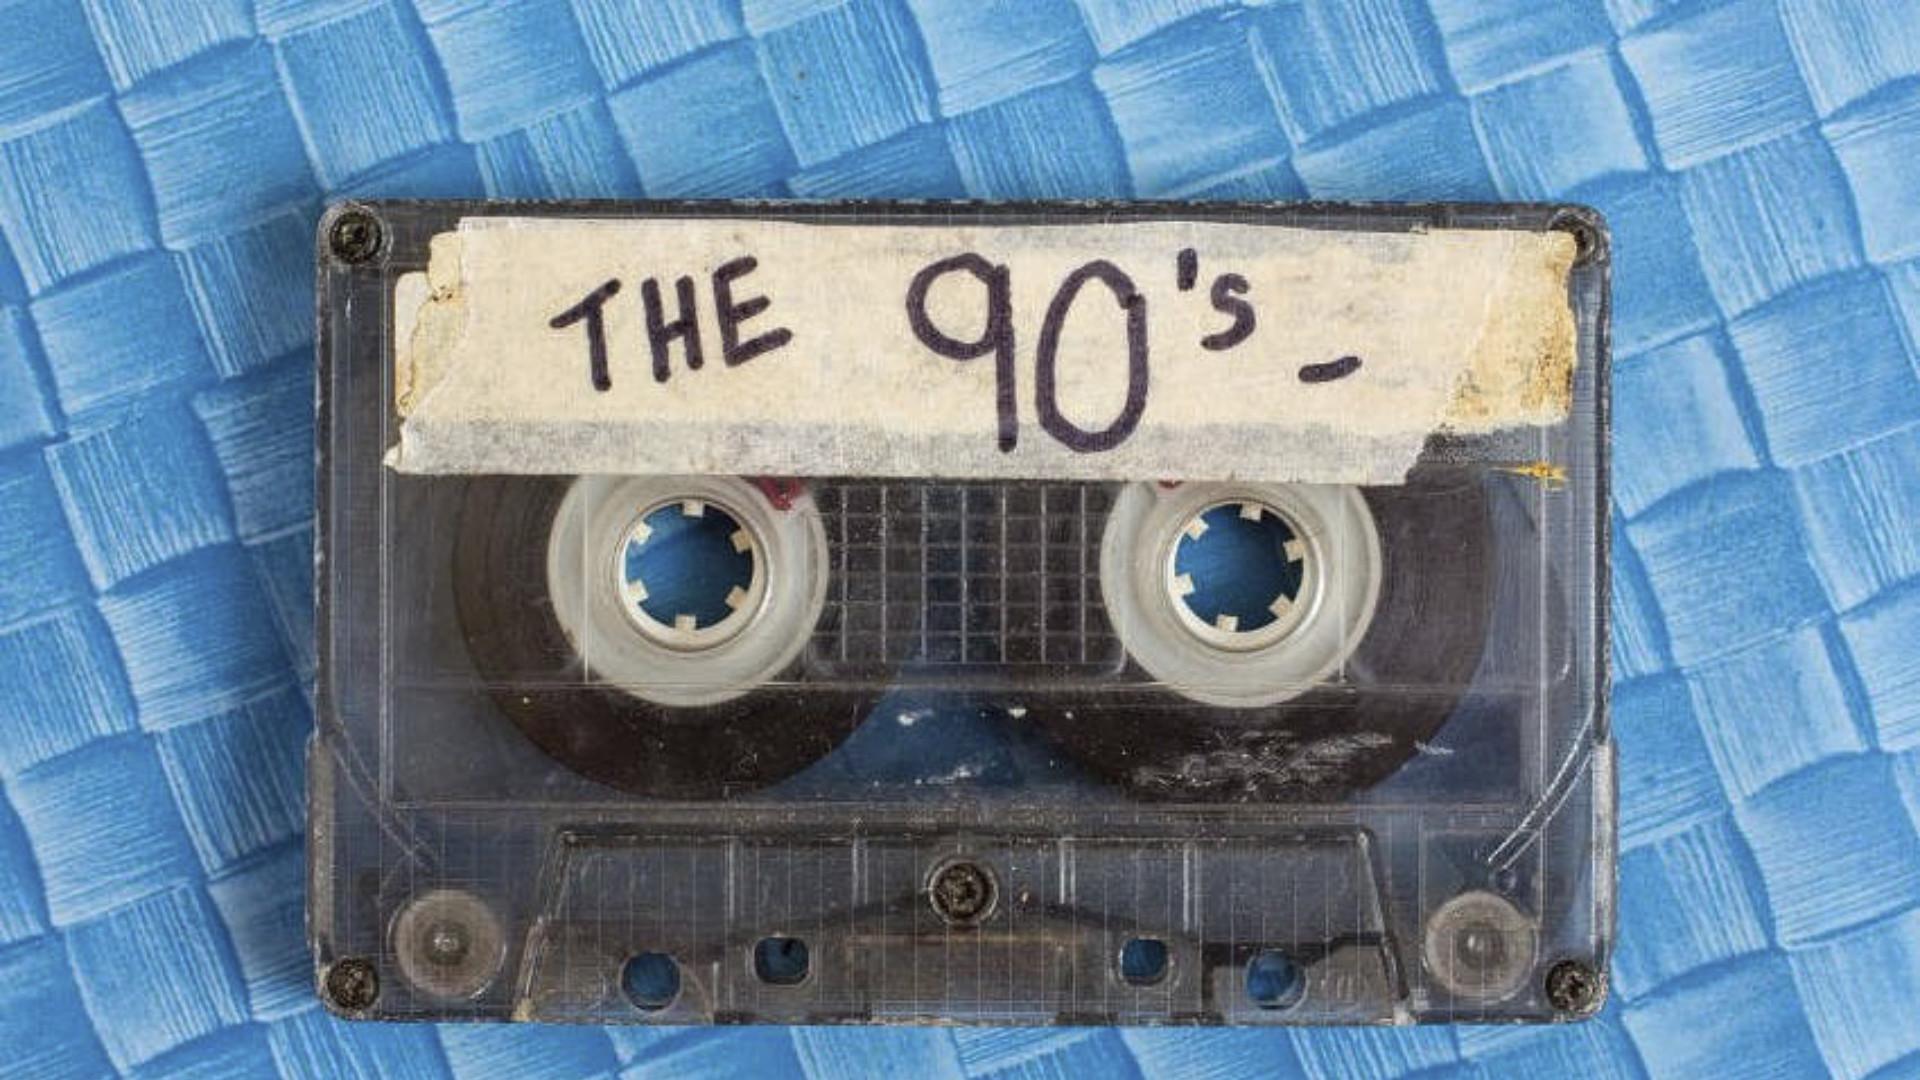 Trocitos de realidad, crónica sentimental de los 90